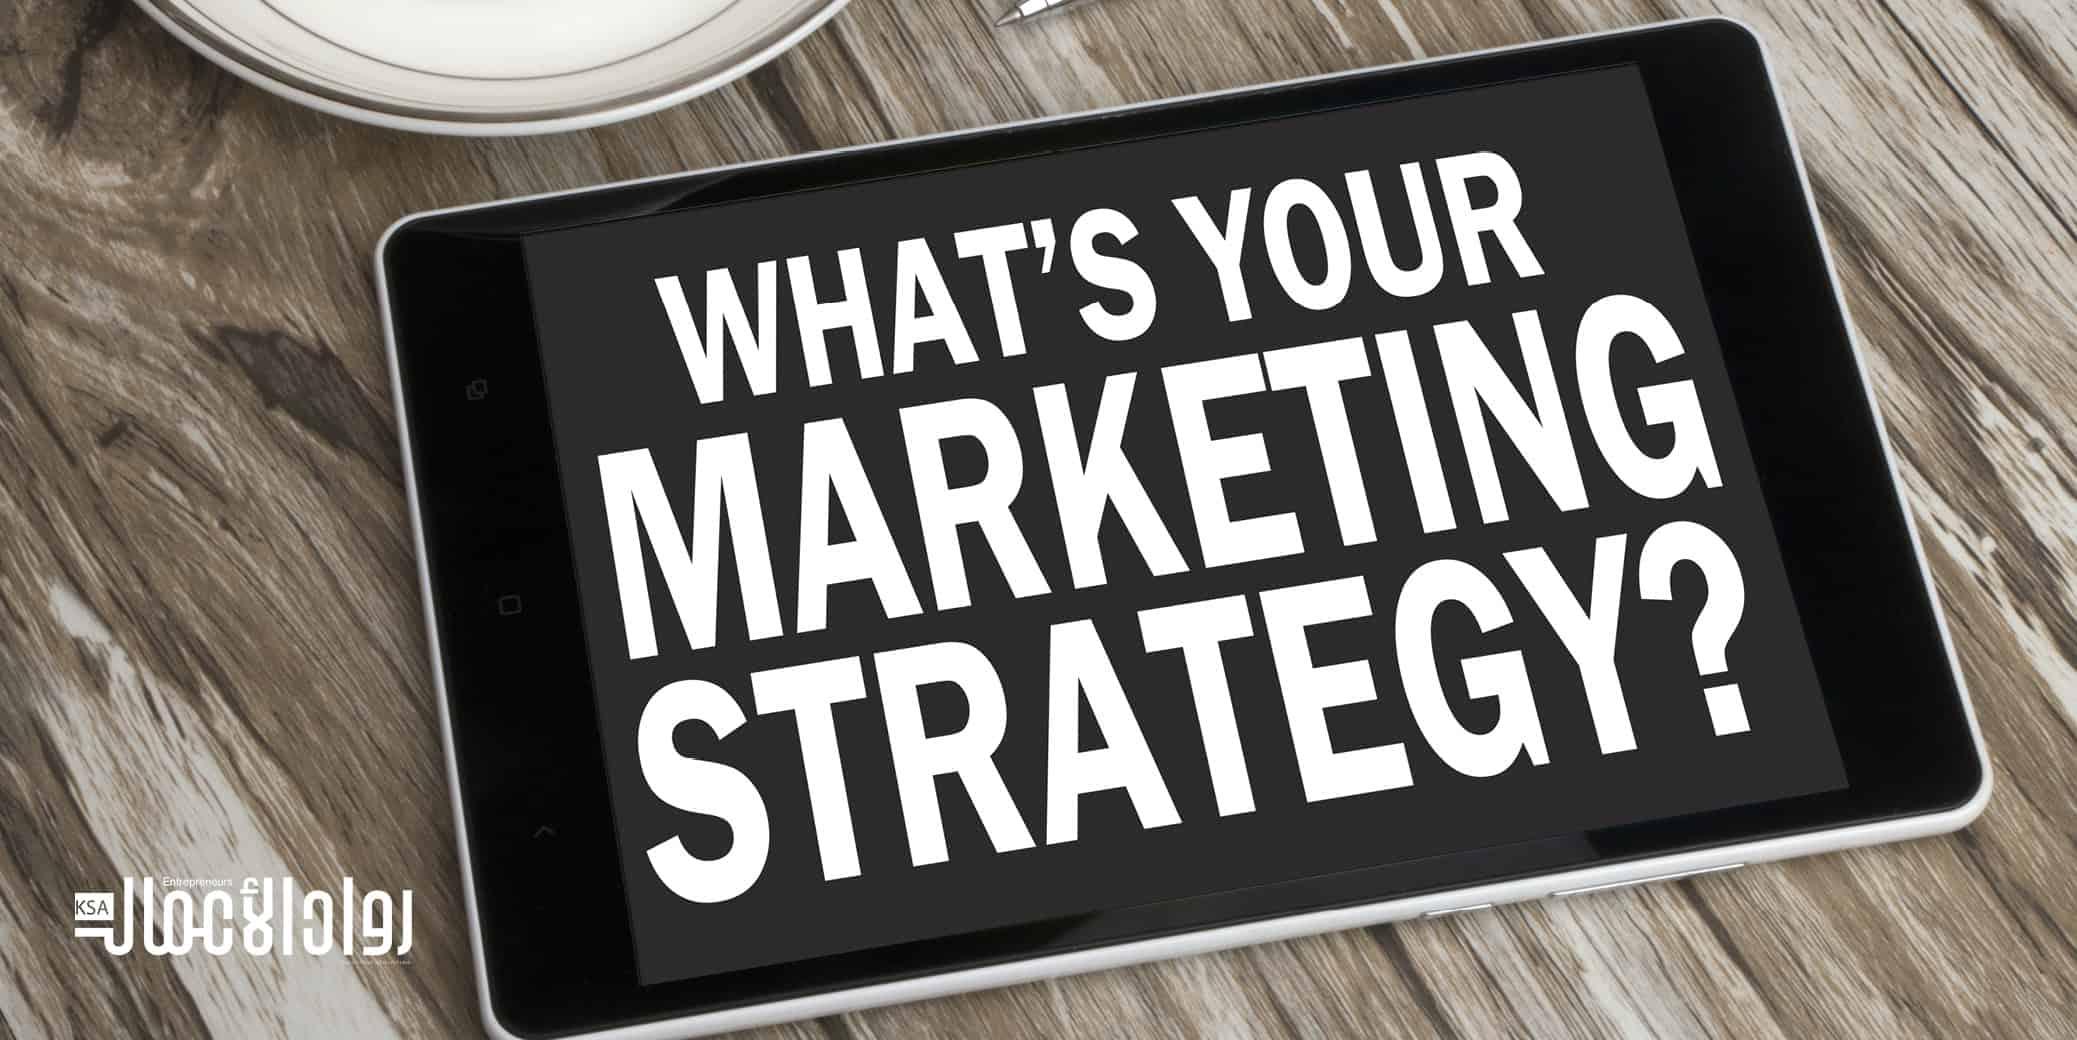 استراتيجية التسويق الصحيحة